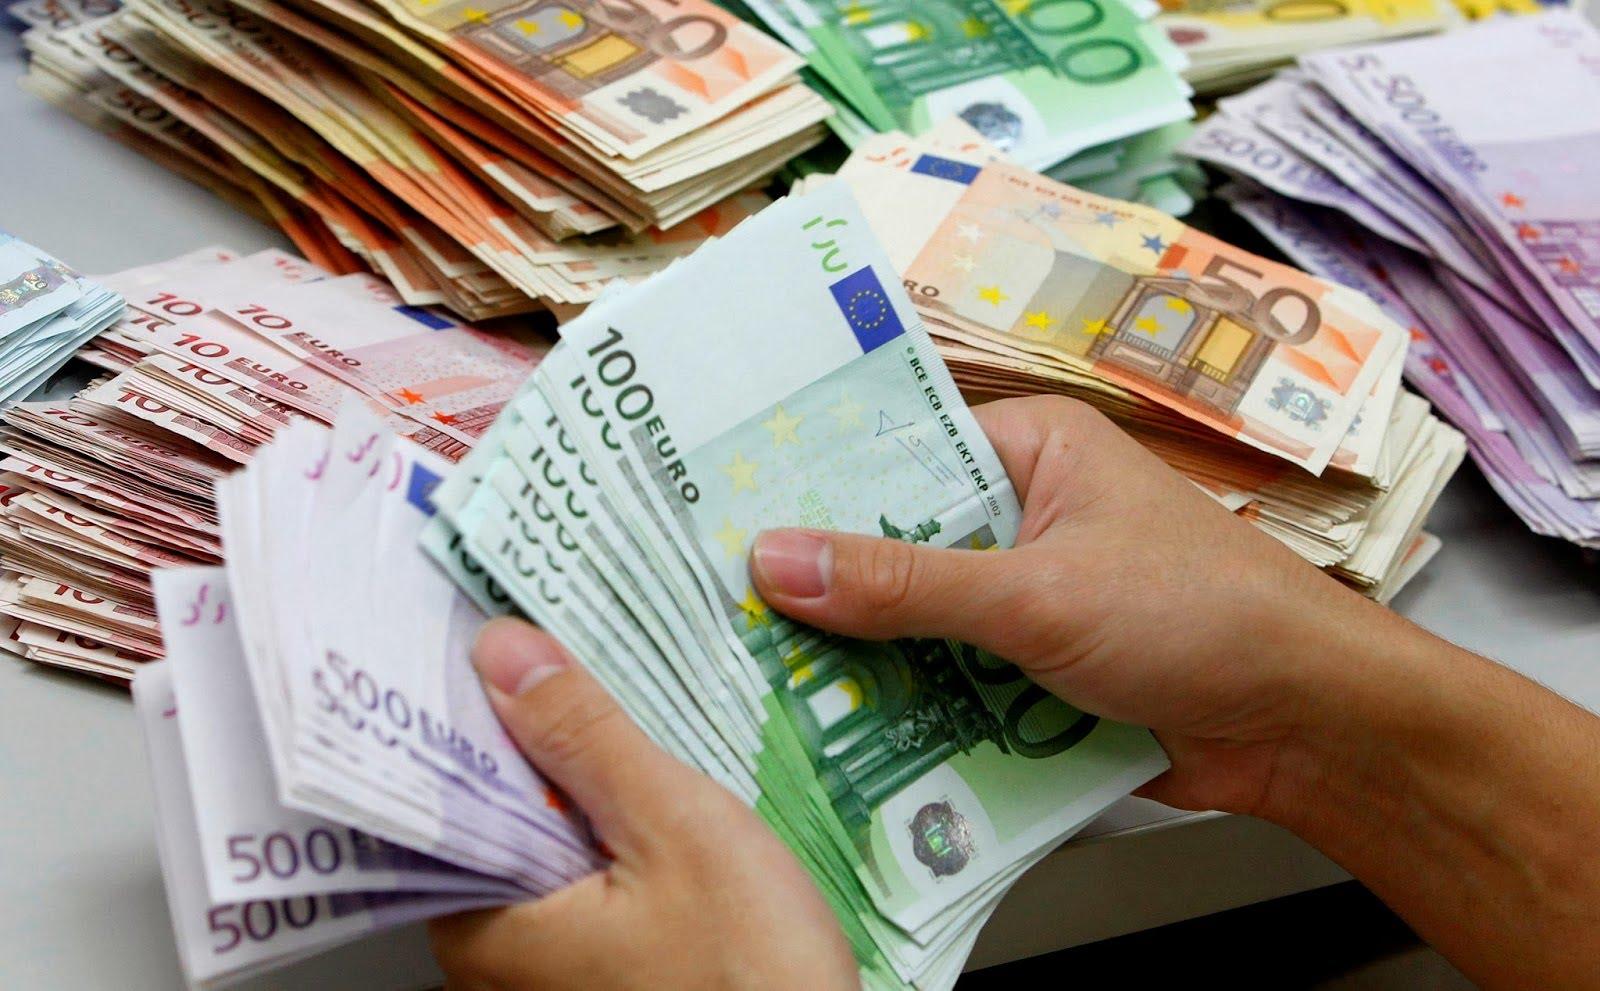 افزایش سهم یورو در ذخایرارزی کشور ها